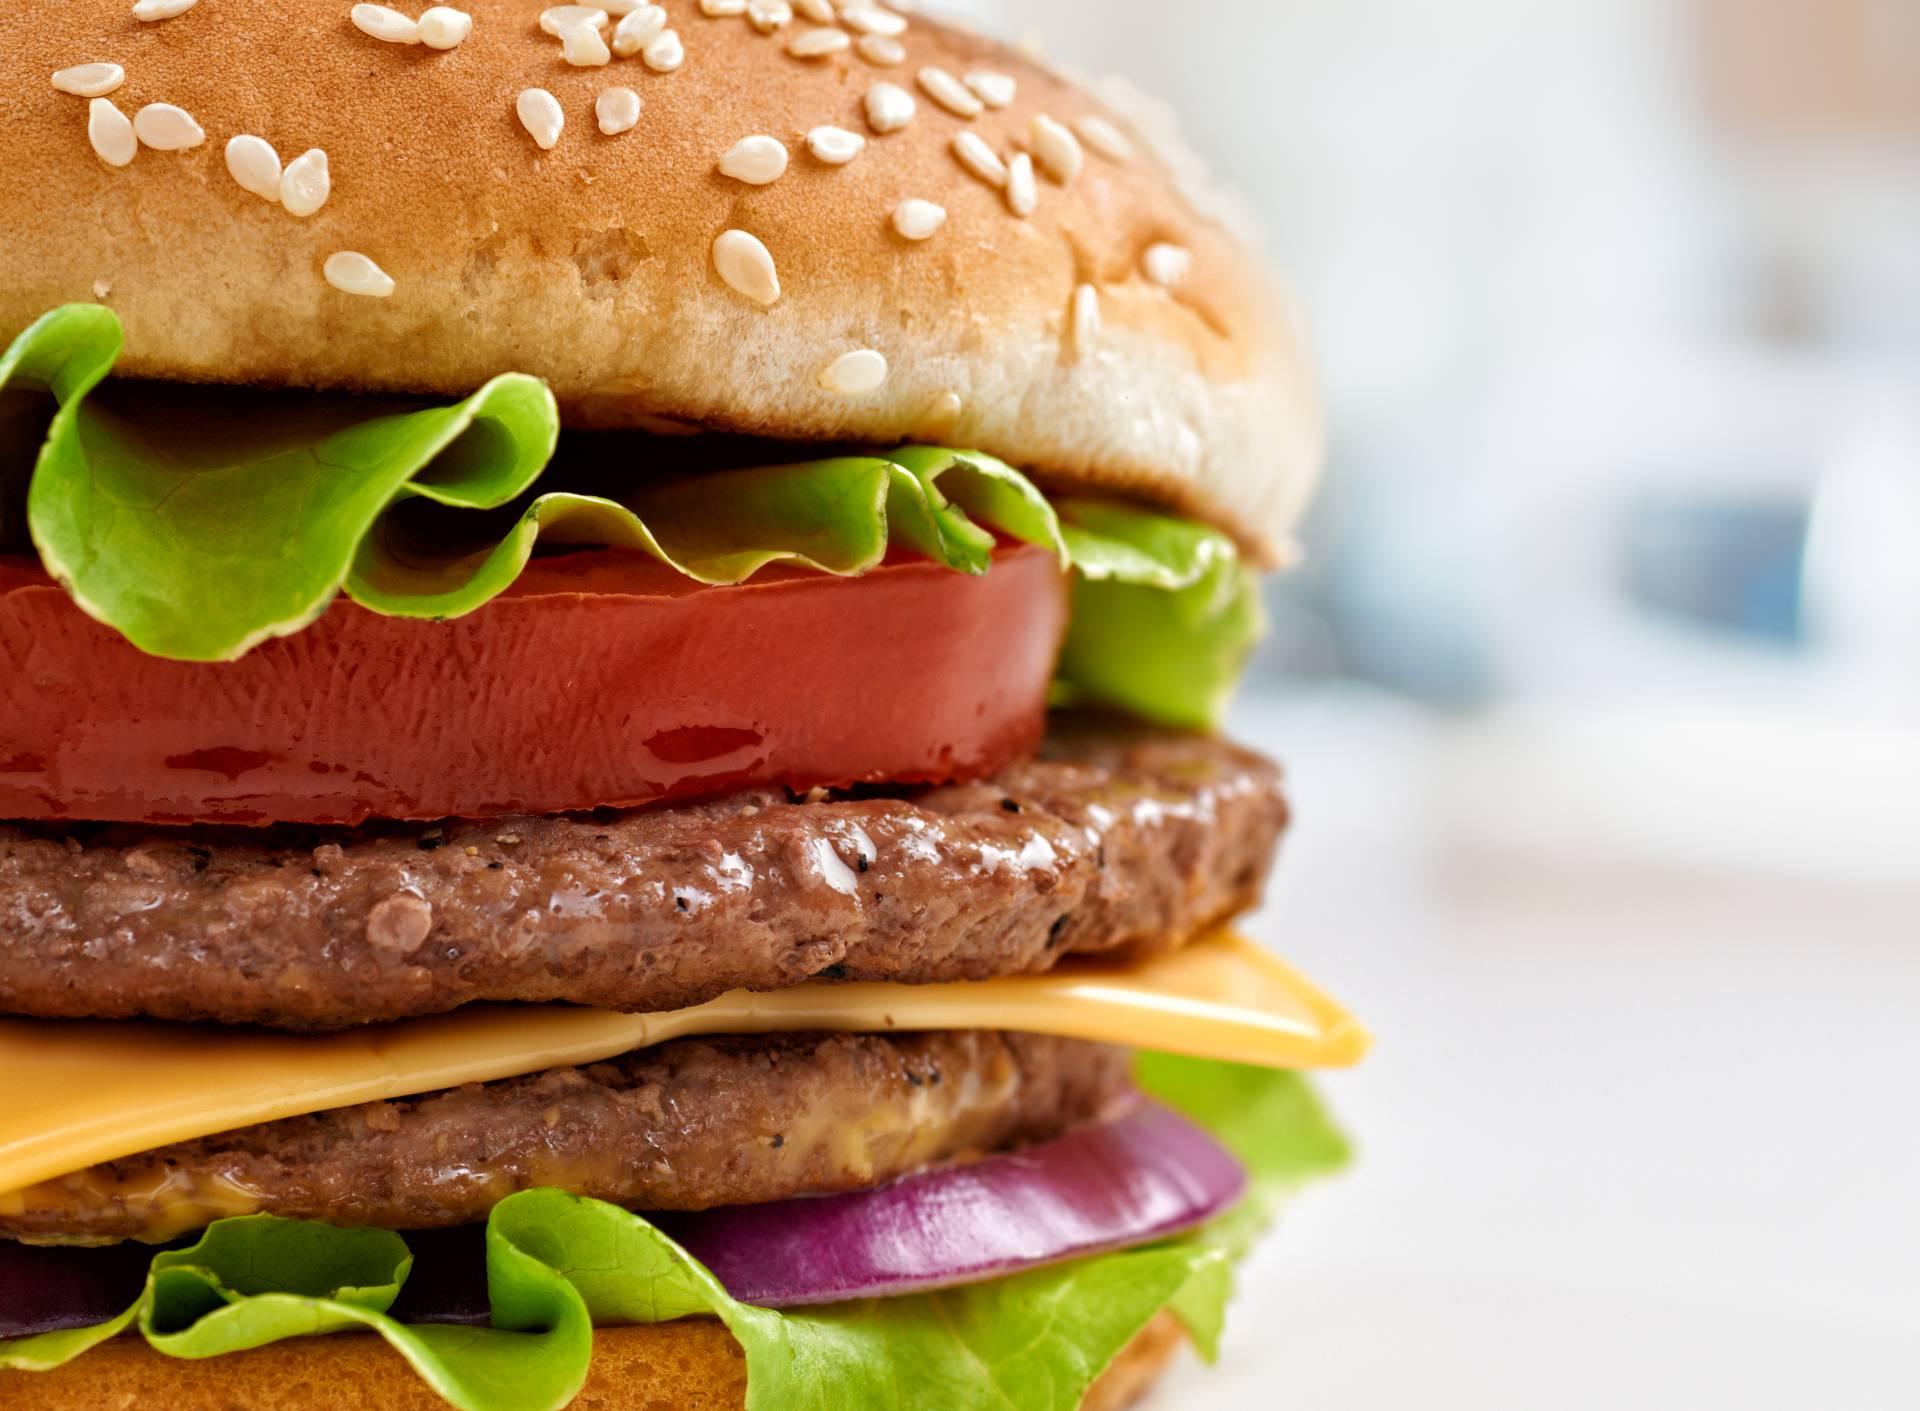 Amerikanci uglavnom jedu fast food i zato se bore s pretilošću